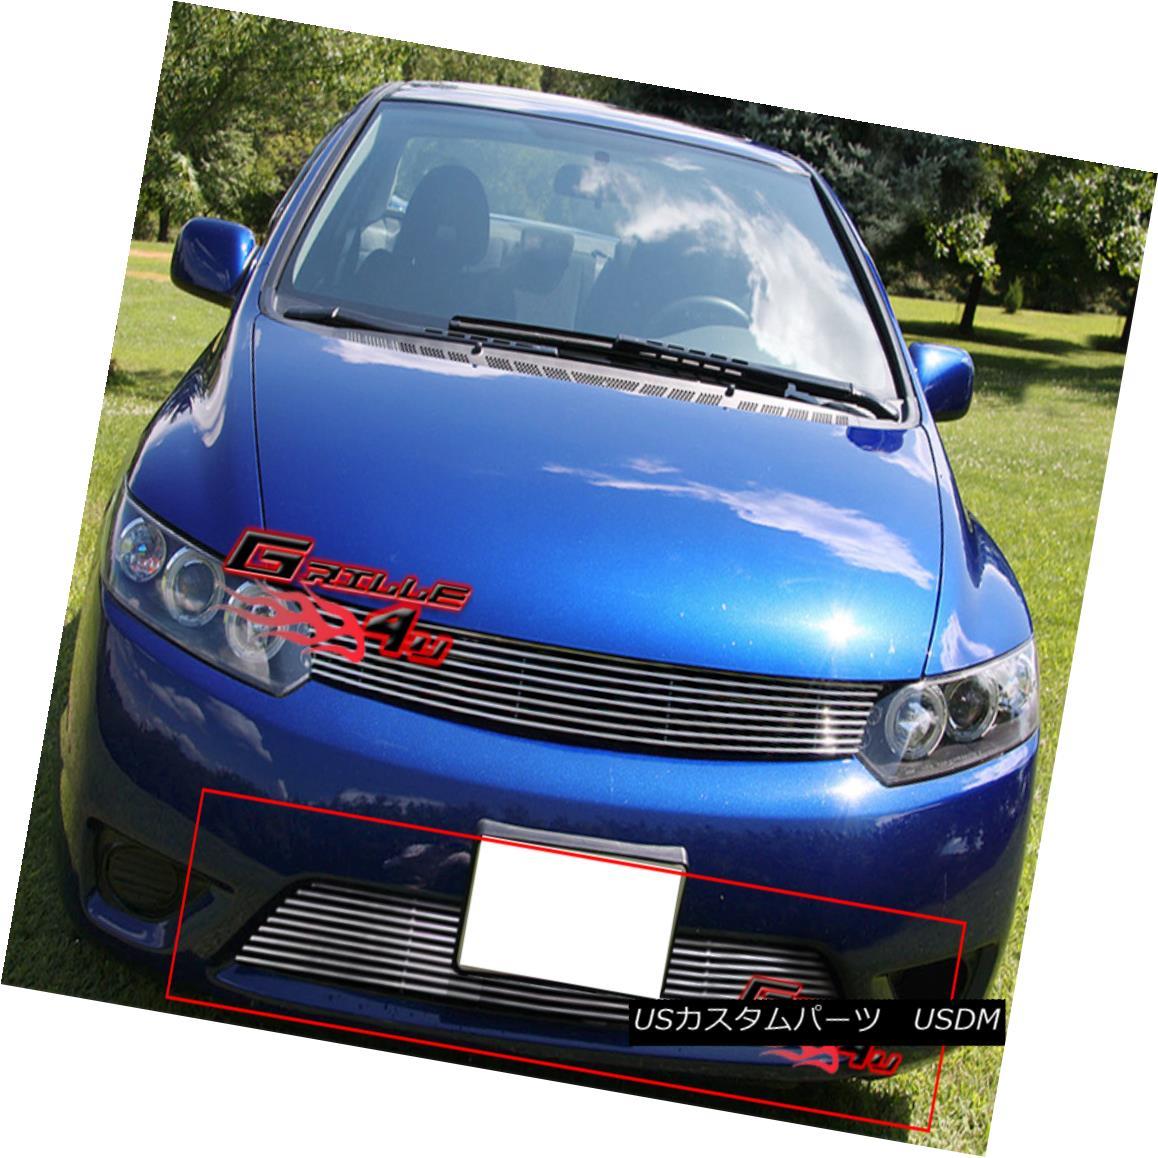 グリル Fits 2006-2008 Honda Civic Coupe Bumper Billet Grille Insert 2006-2008ホンダシビッククーペバンパービレットグリルインサートに適合